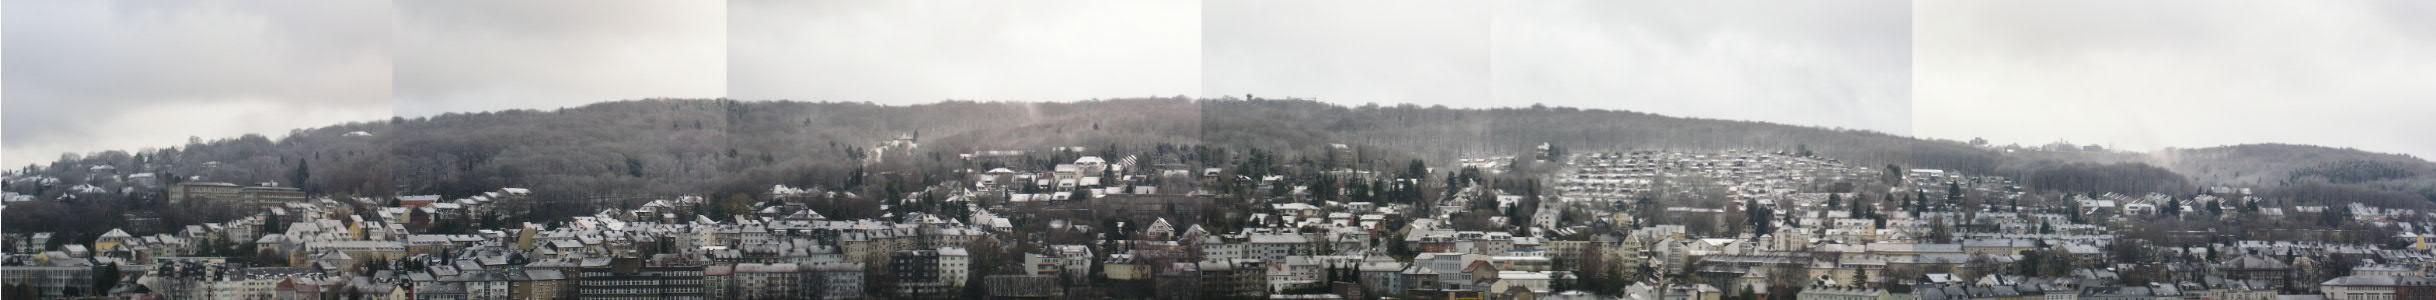 Es ist wieder Winter geworden in Wuppertal